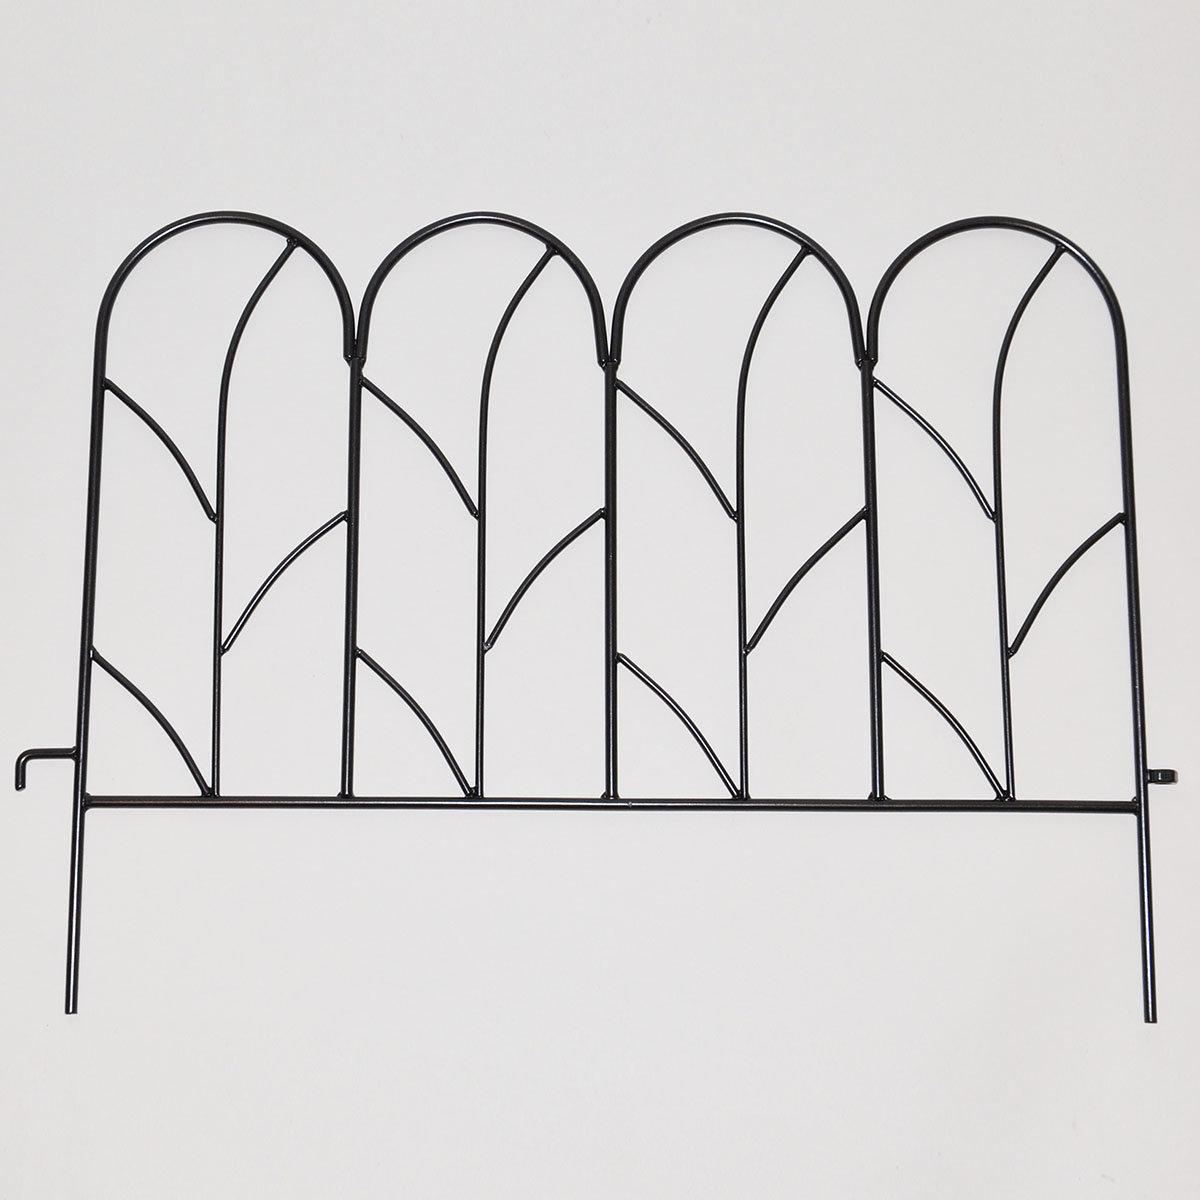 Beetzaun Liane, 4er-Set, anthrazit-metallic